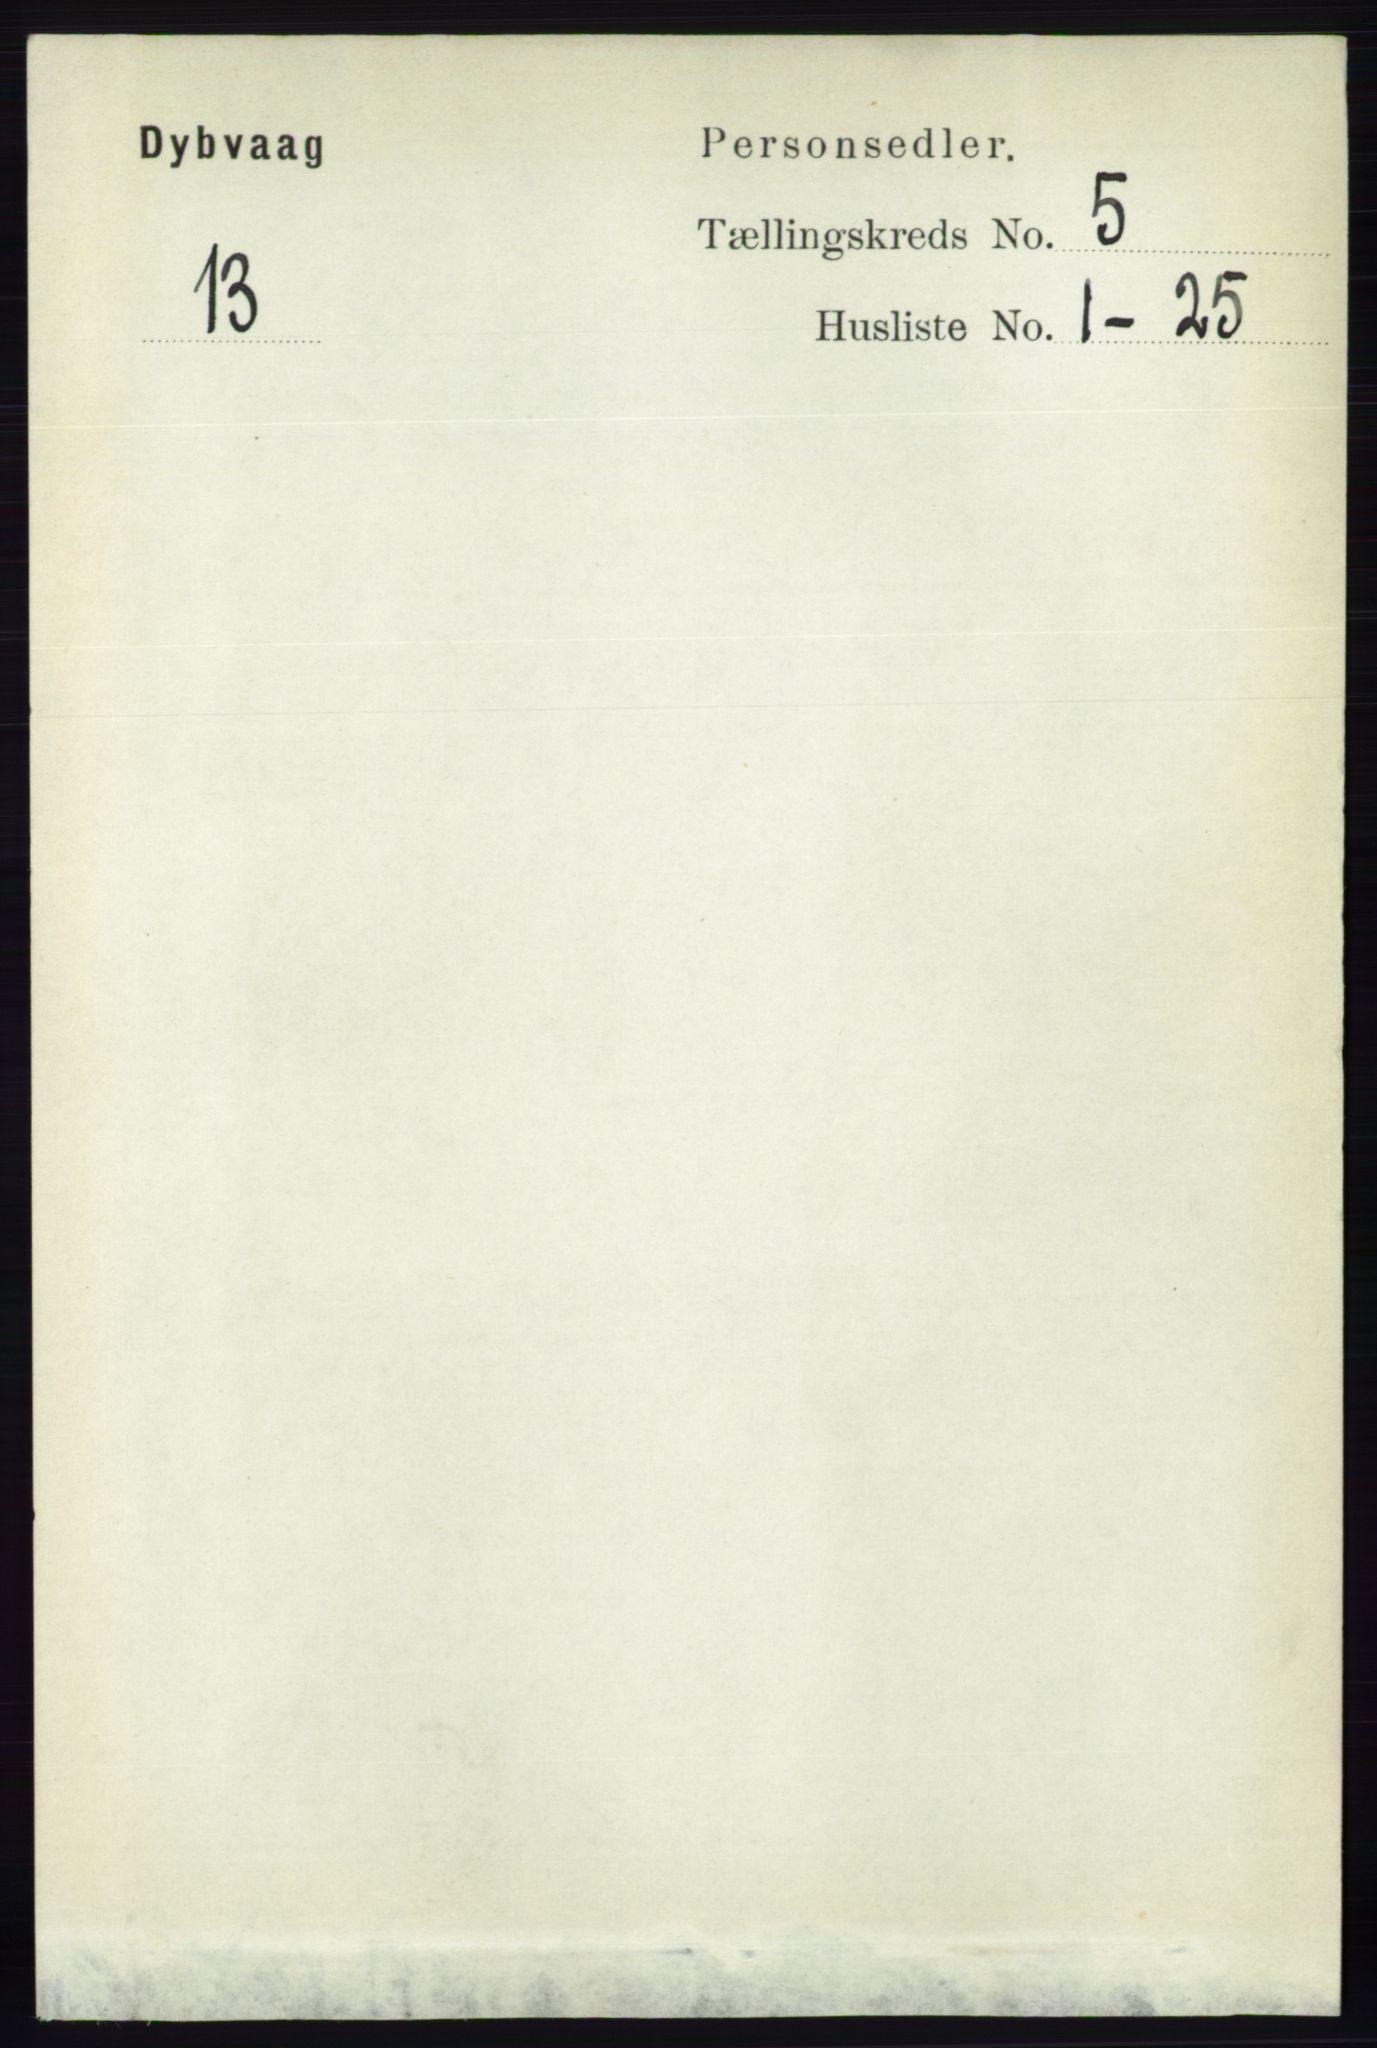 RA, Folketelling 1891 for 0915 Dypvåg herred, 1891, s. 1365